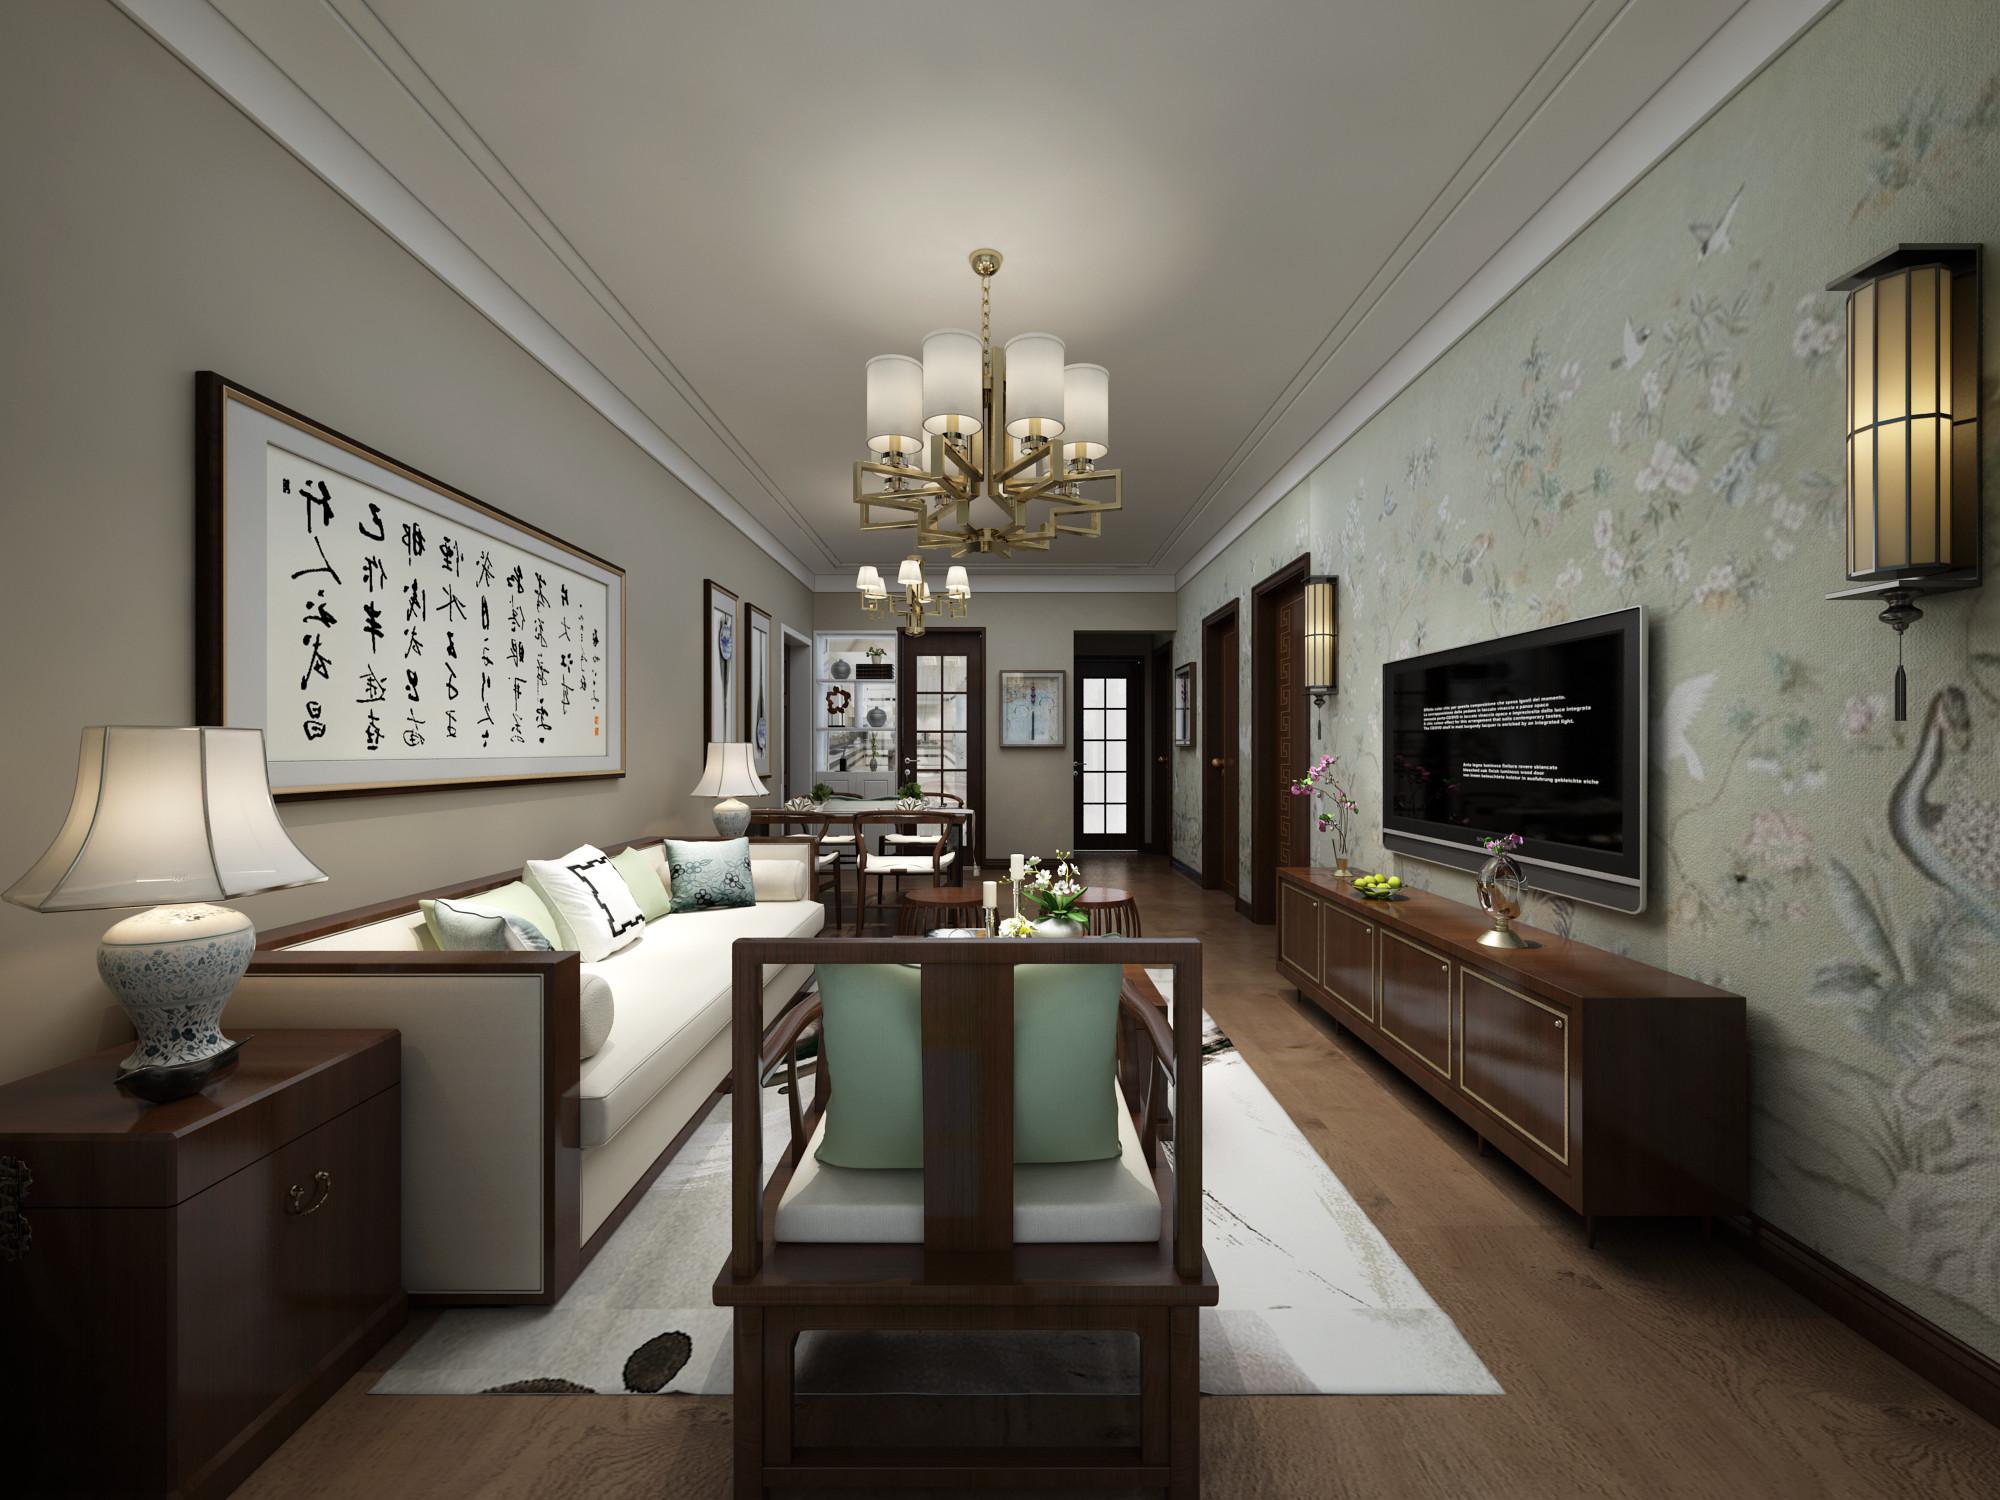 新中式装修沙发图片